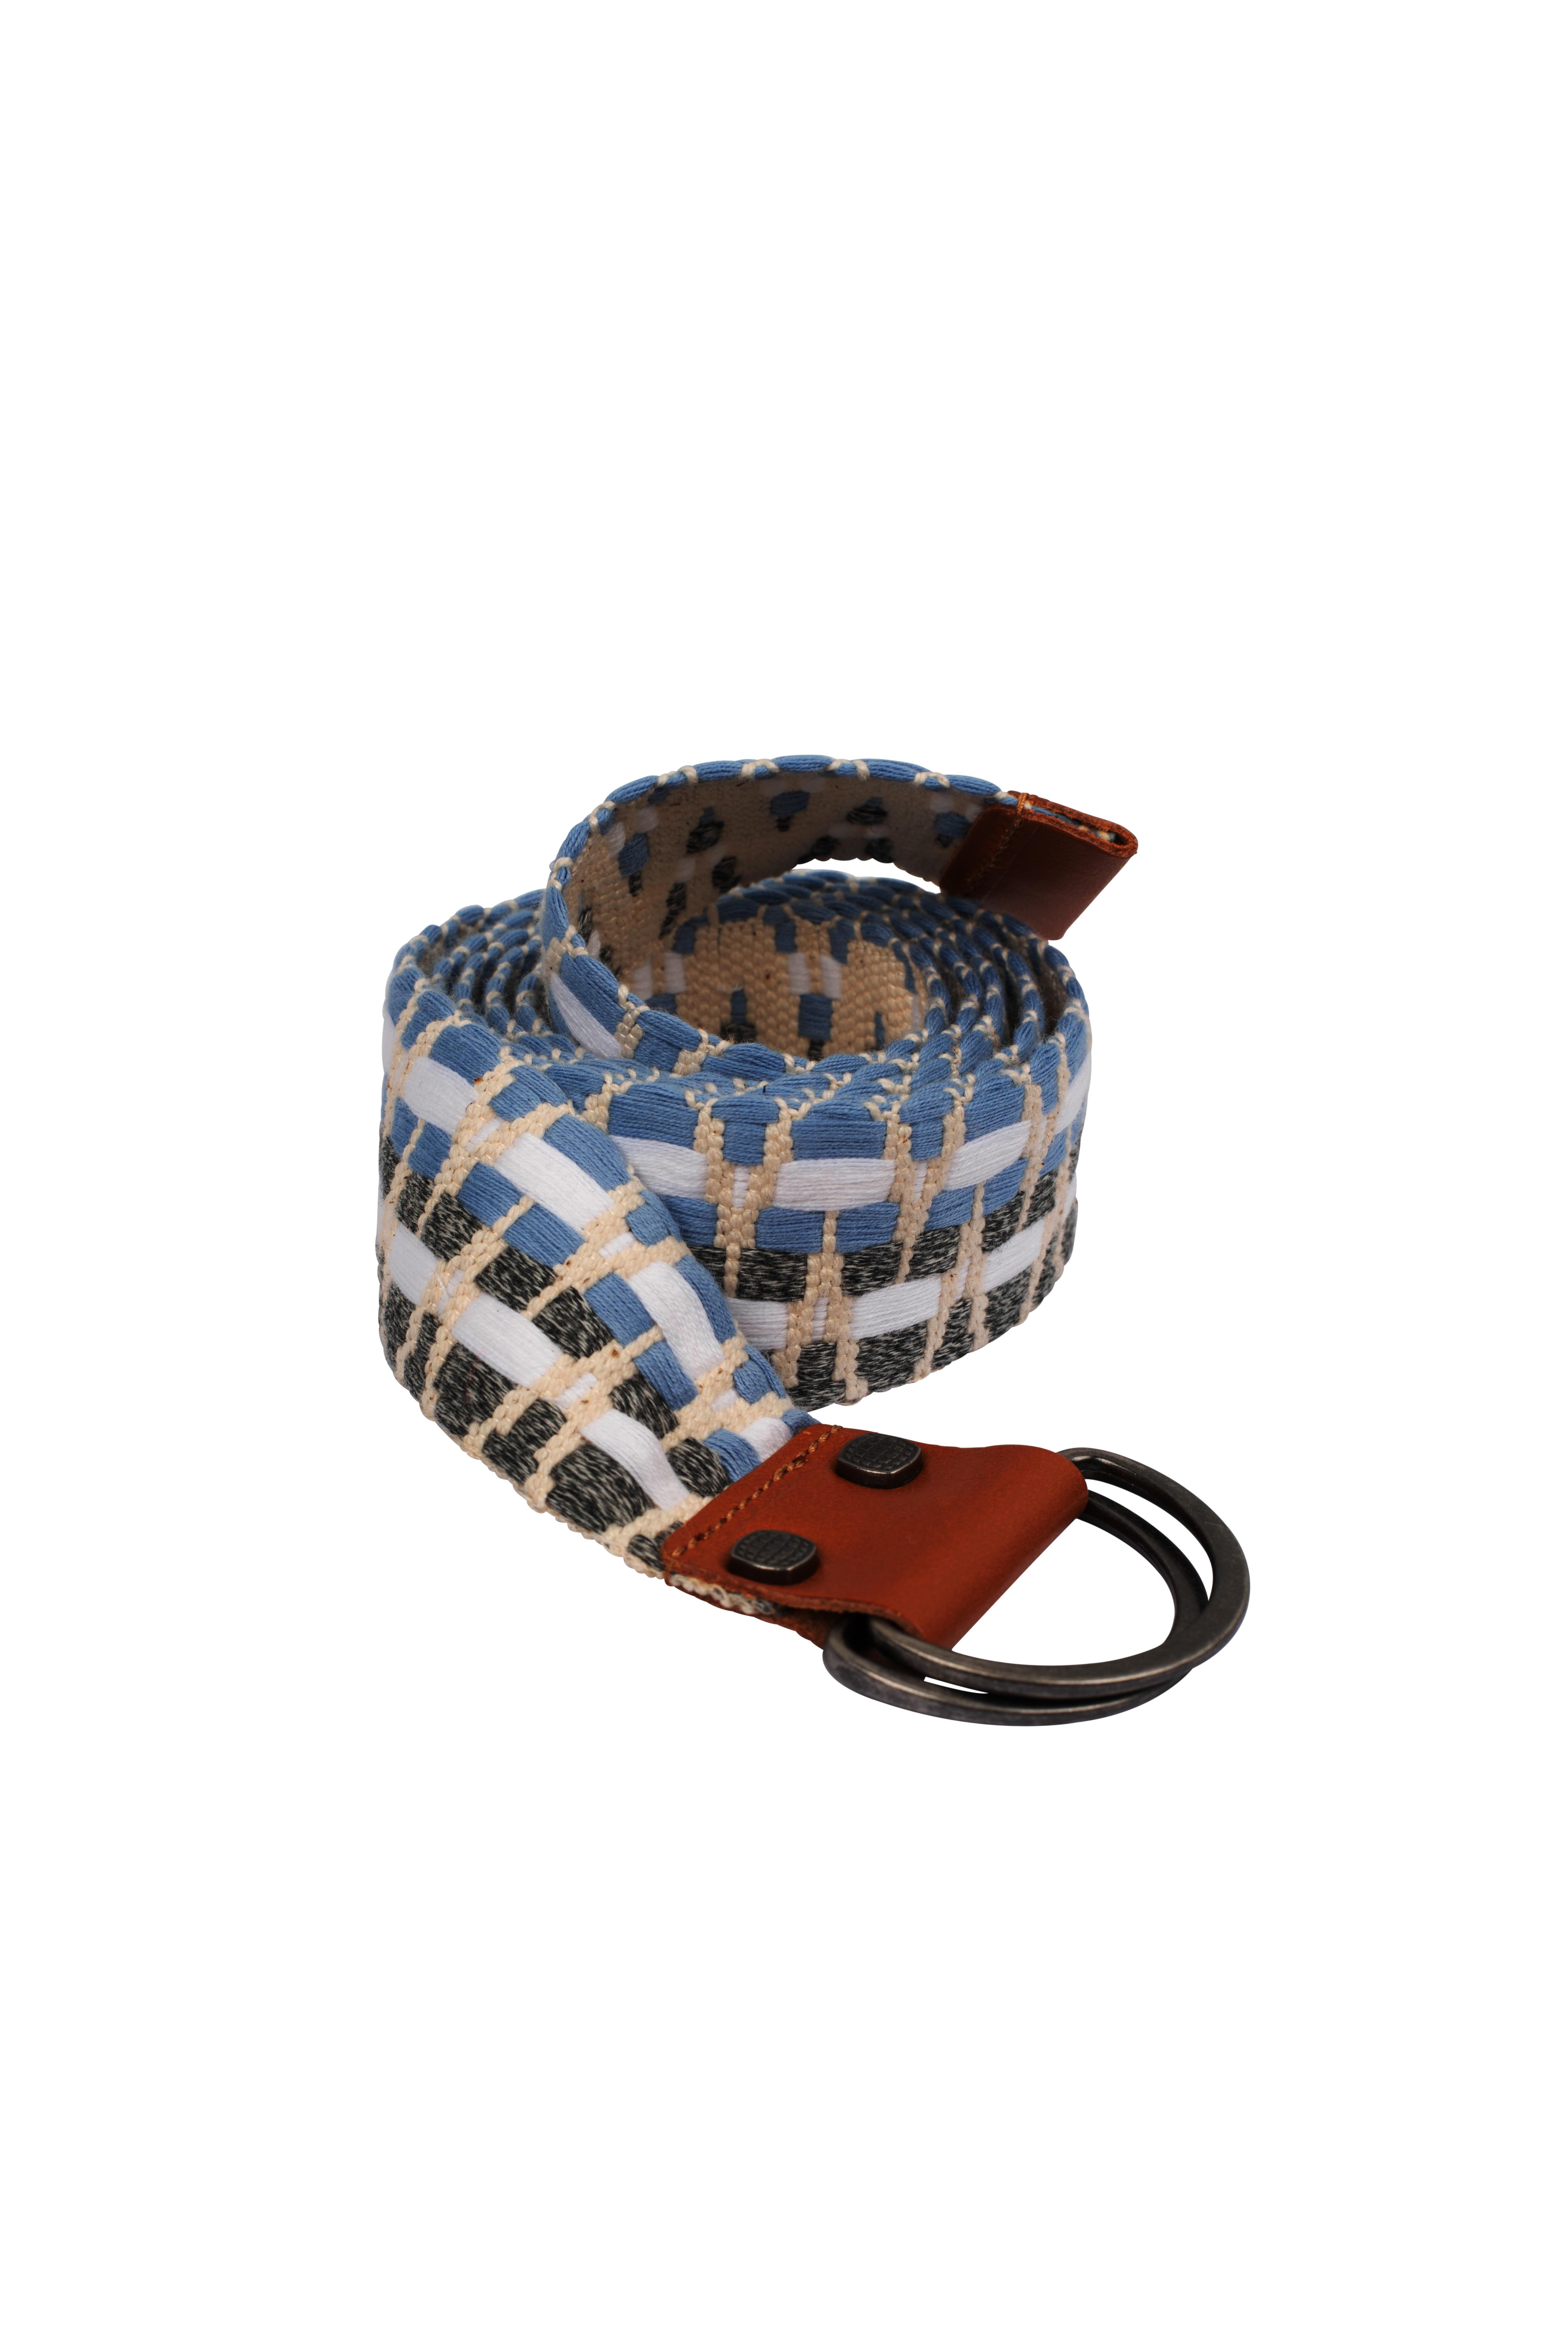 Amundsen Sports Woven Belt